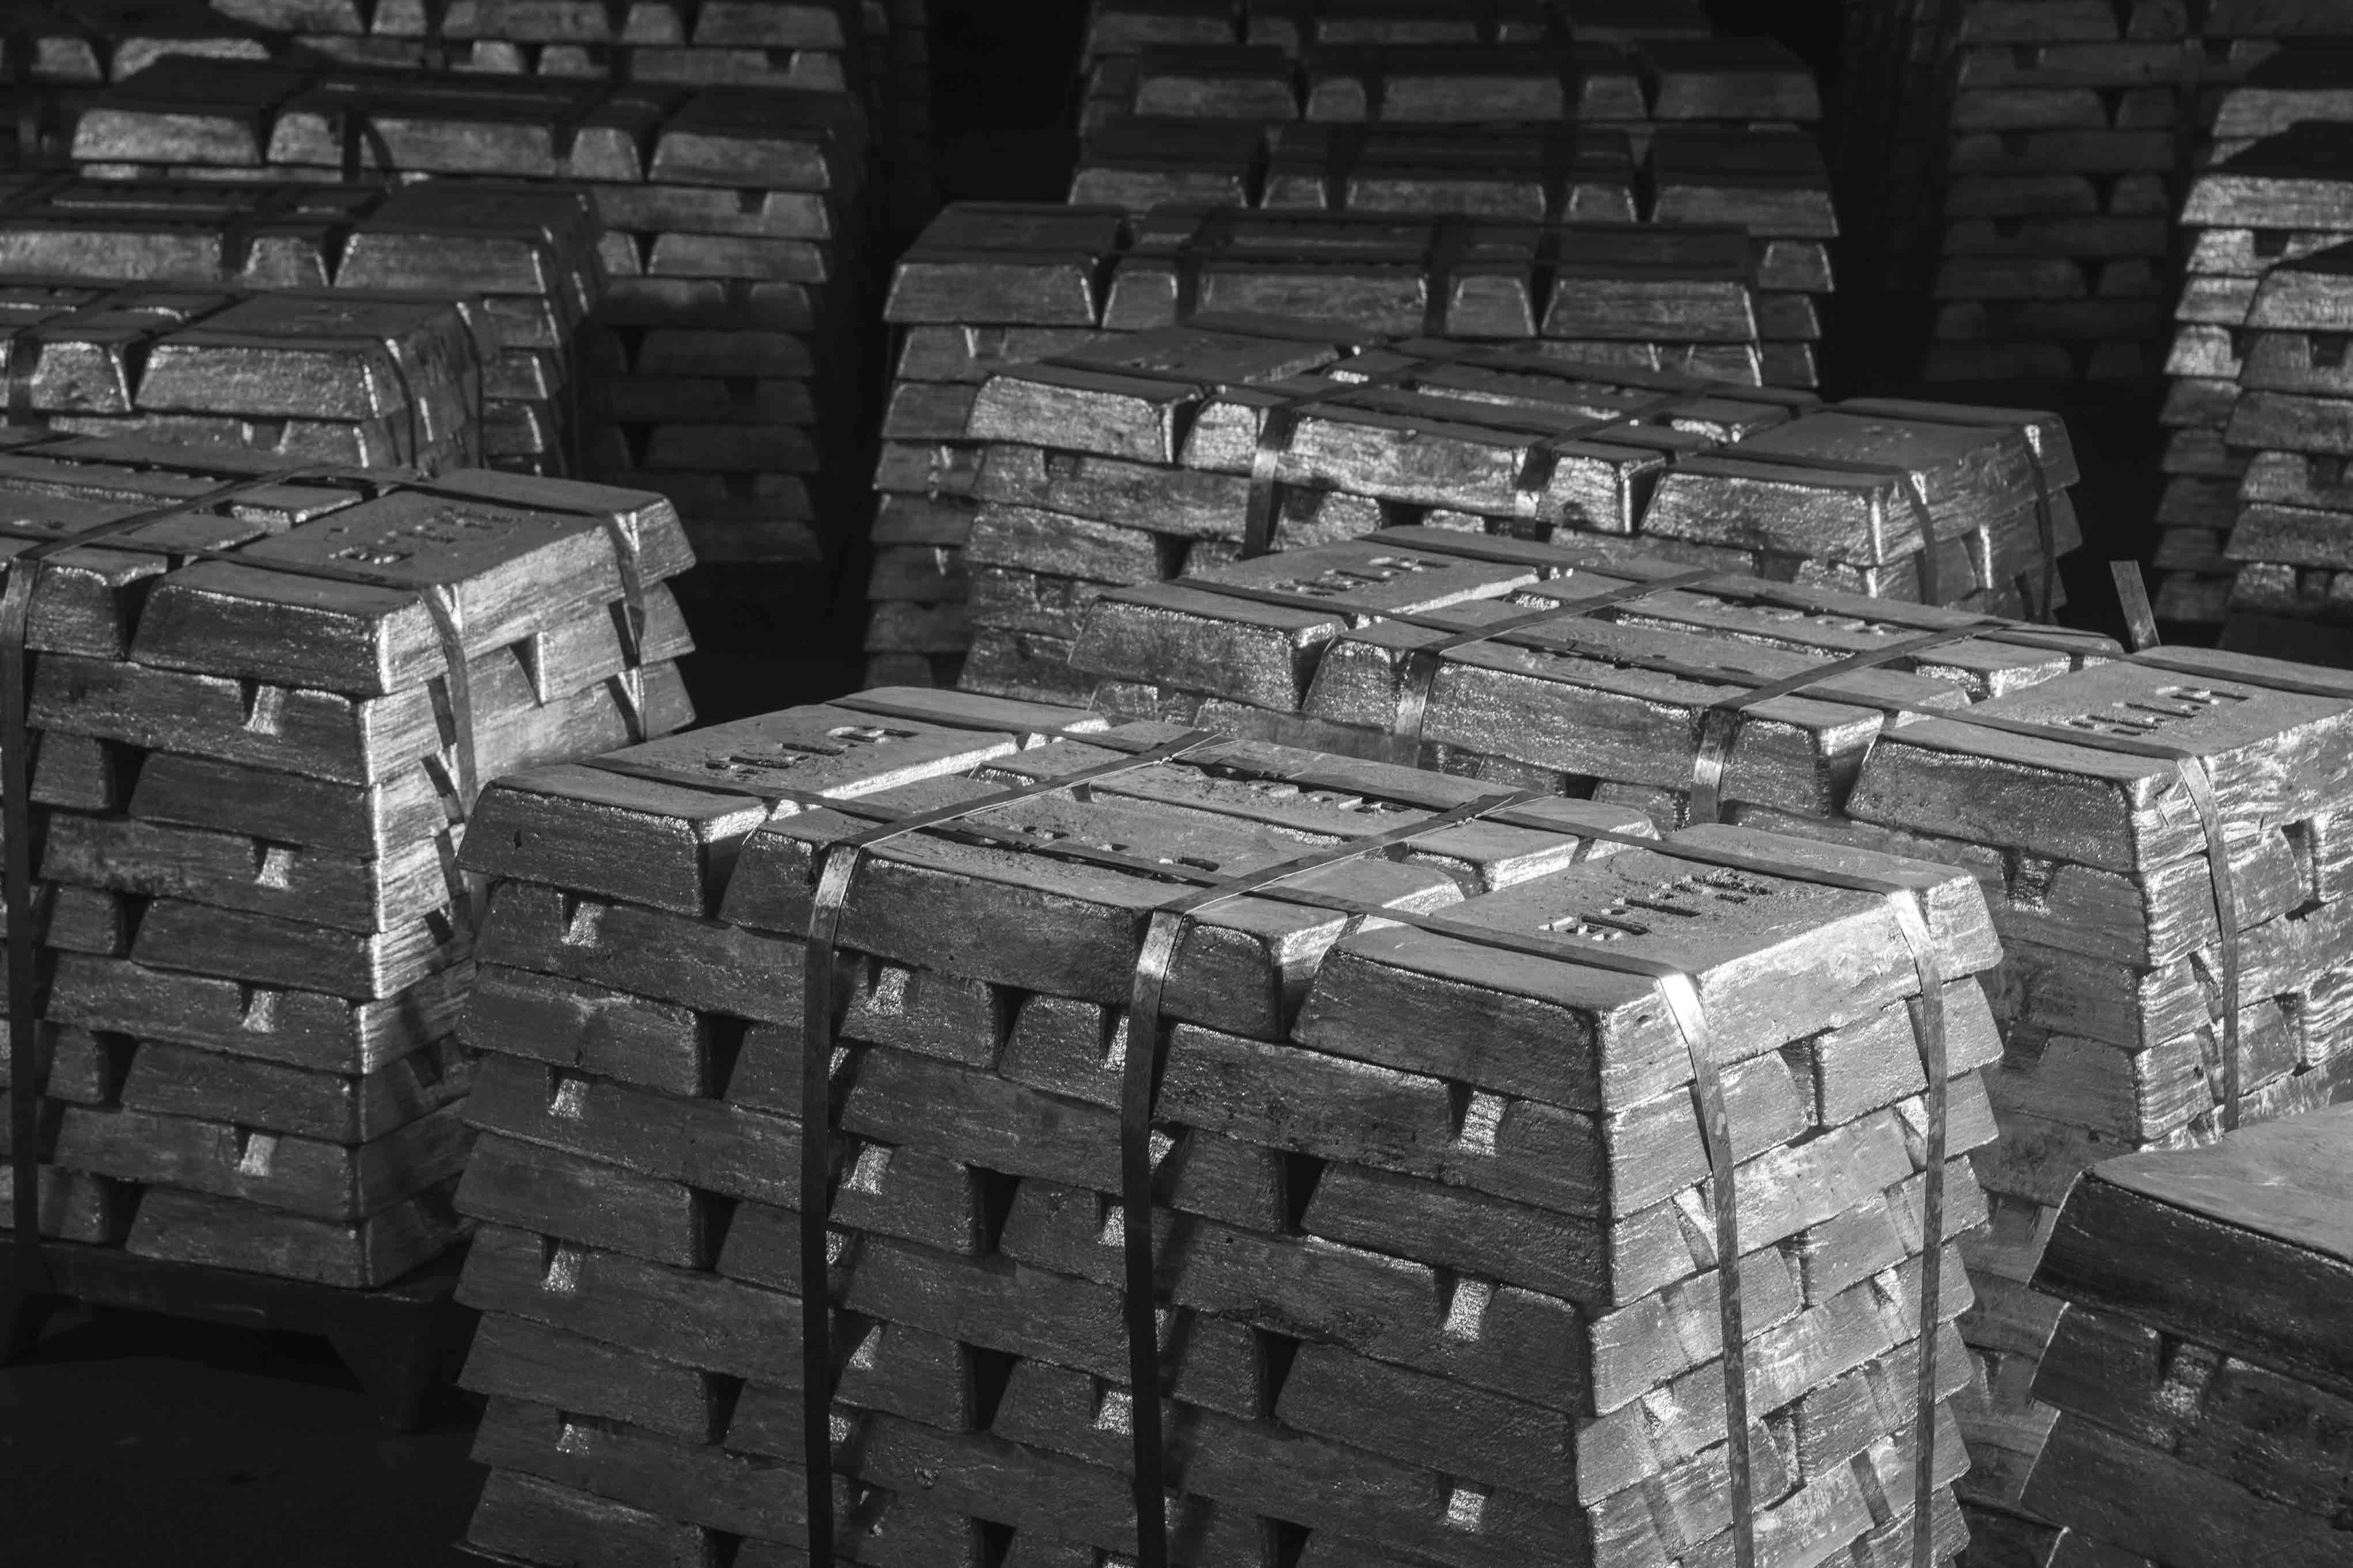 شرکت گسترش صنایع روی ایرانیان - شمش روی